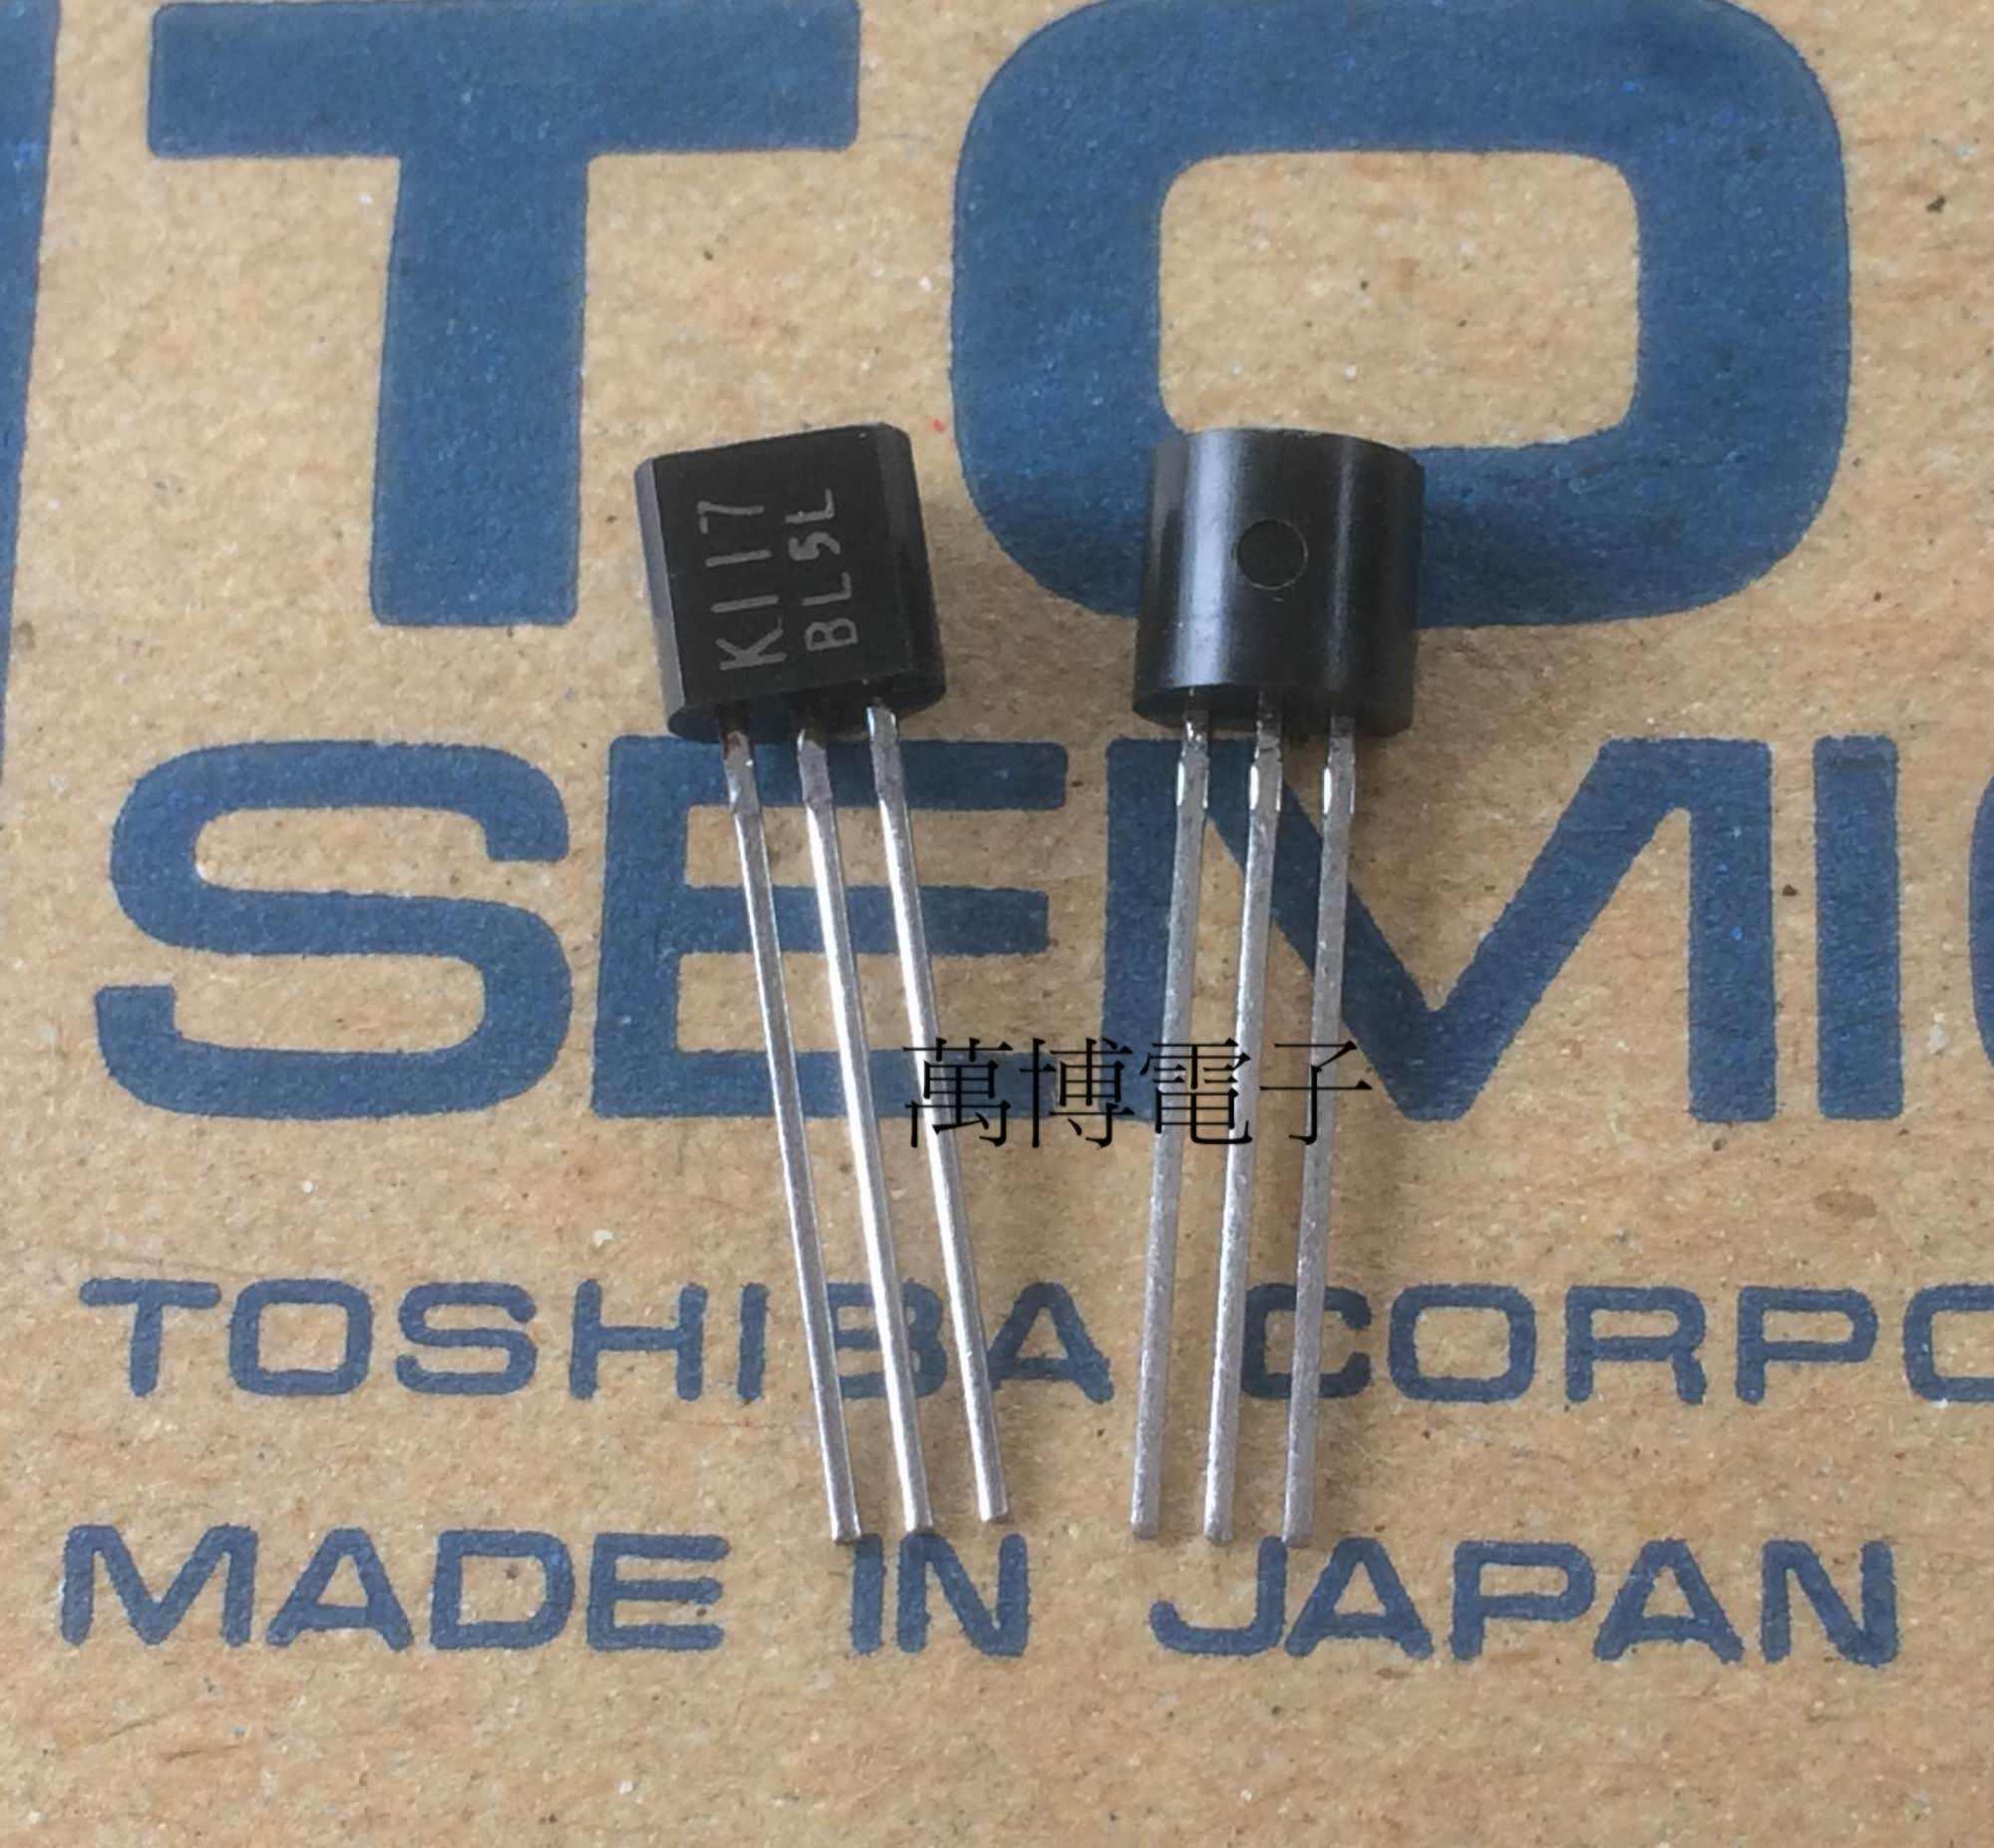 10Pcs New 2SK117 MOS Field Effect Transistor K117-GR TO-92 Transistor